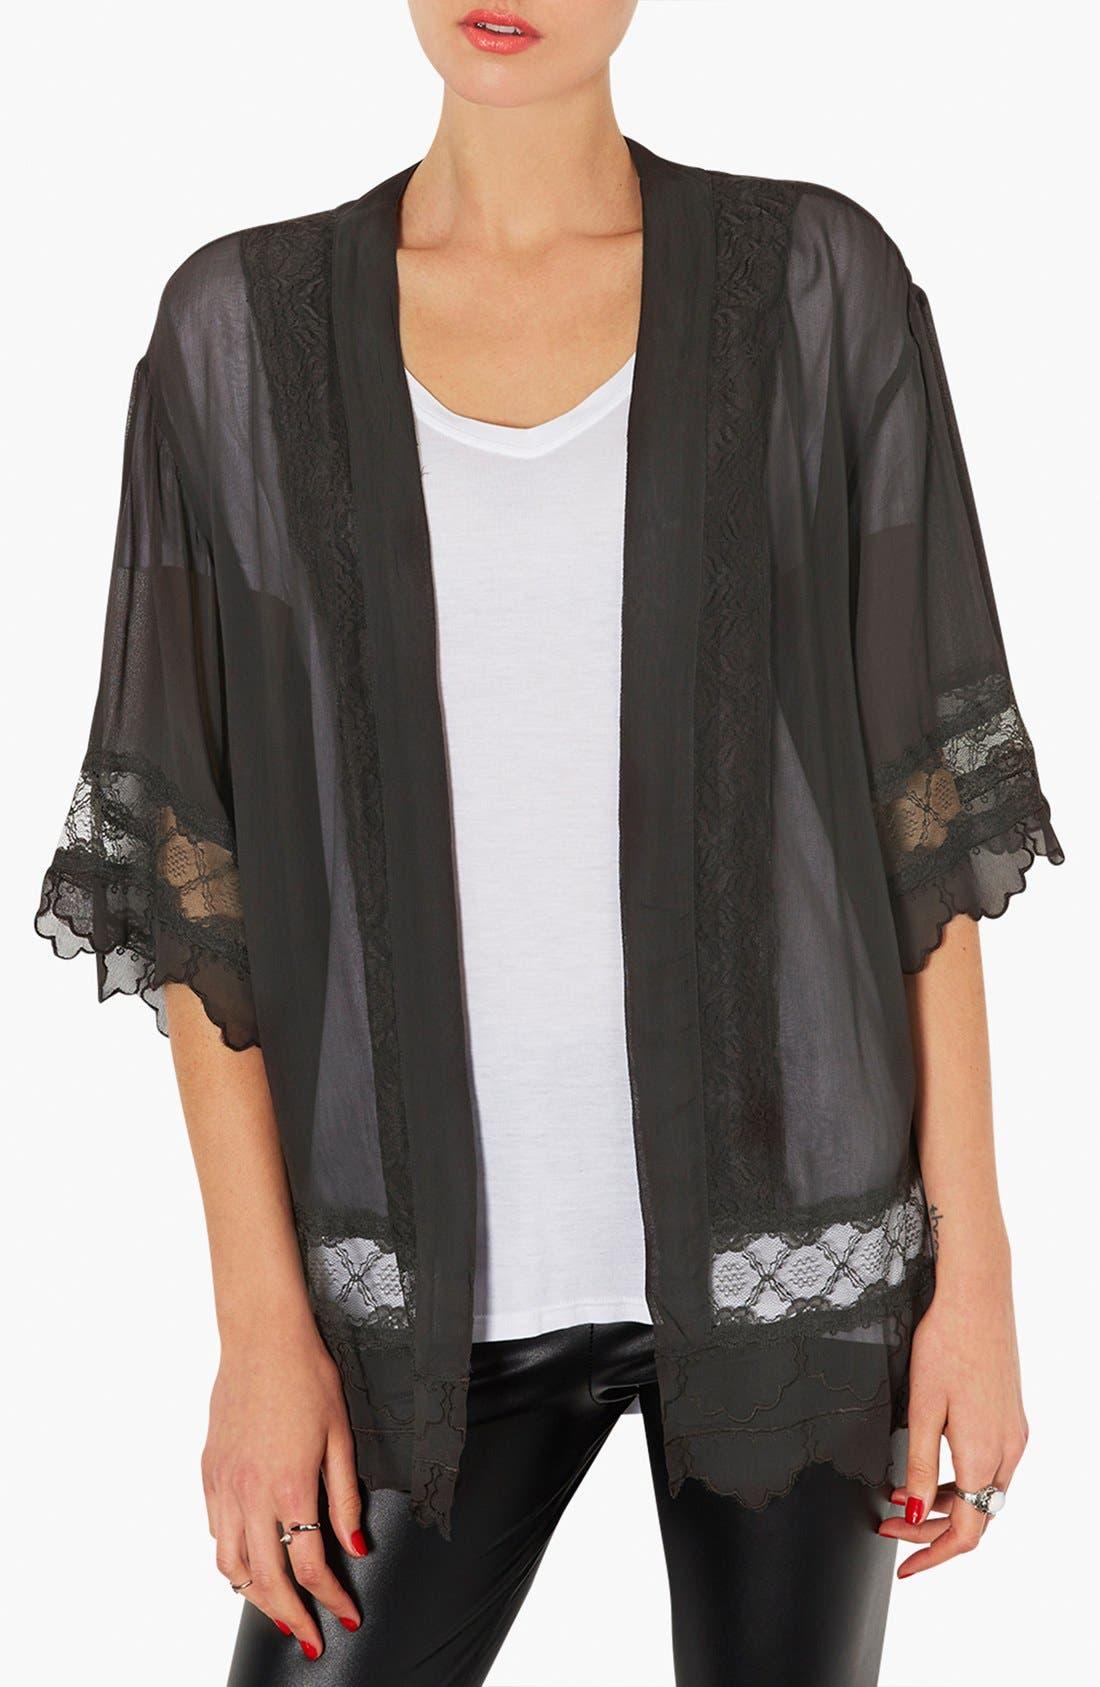 Alternate Image 1 Selected - Topshop Lace Inset Kimono Jacket